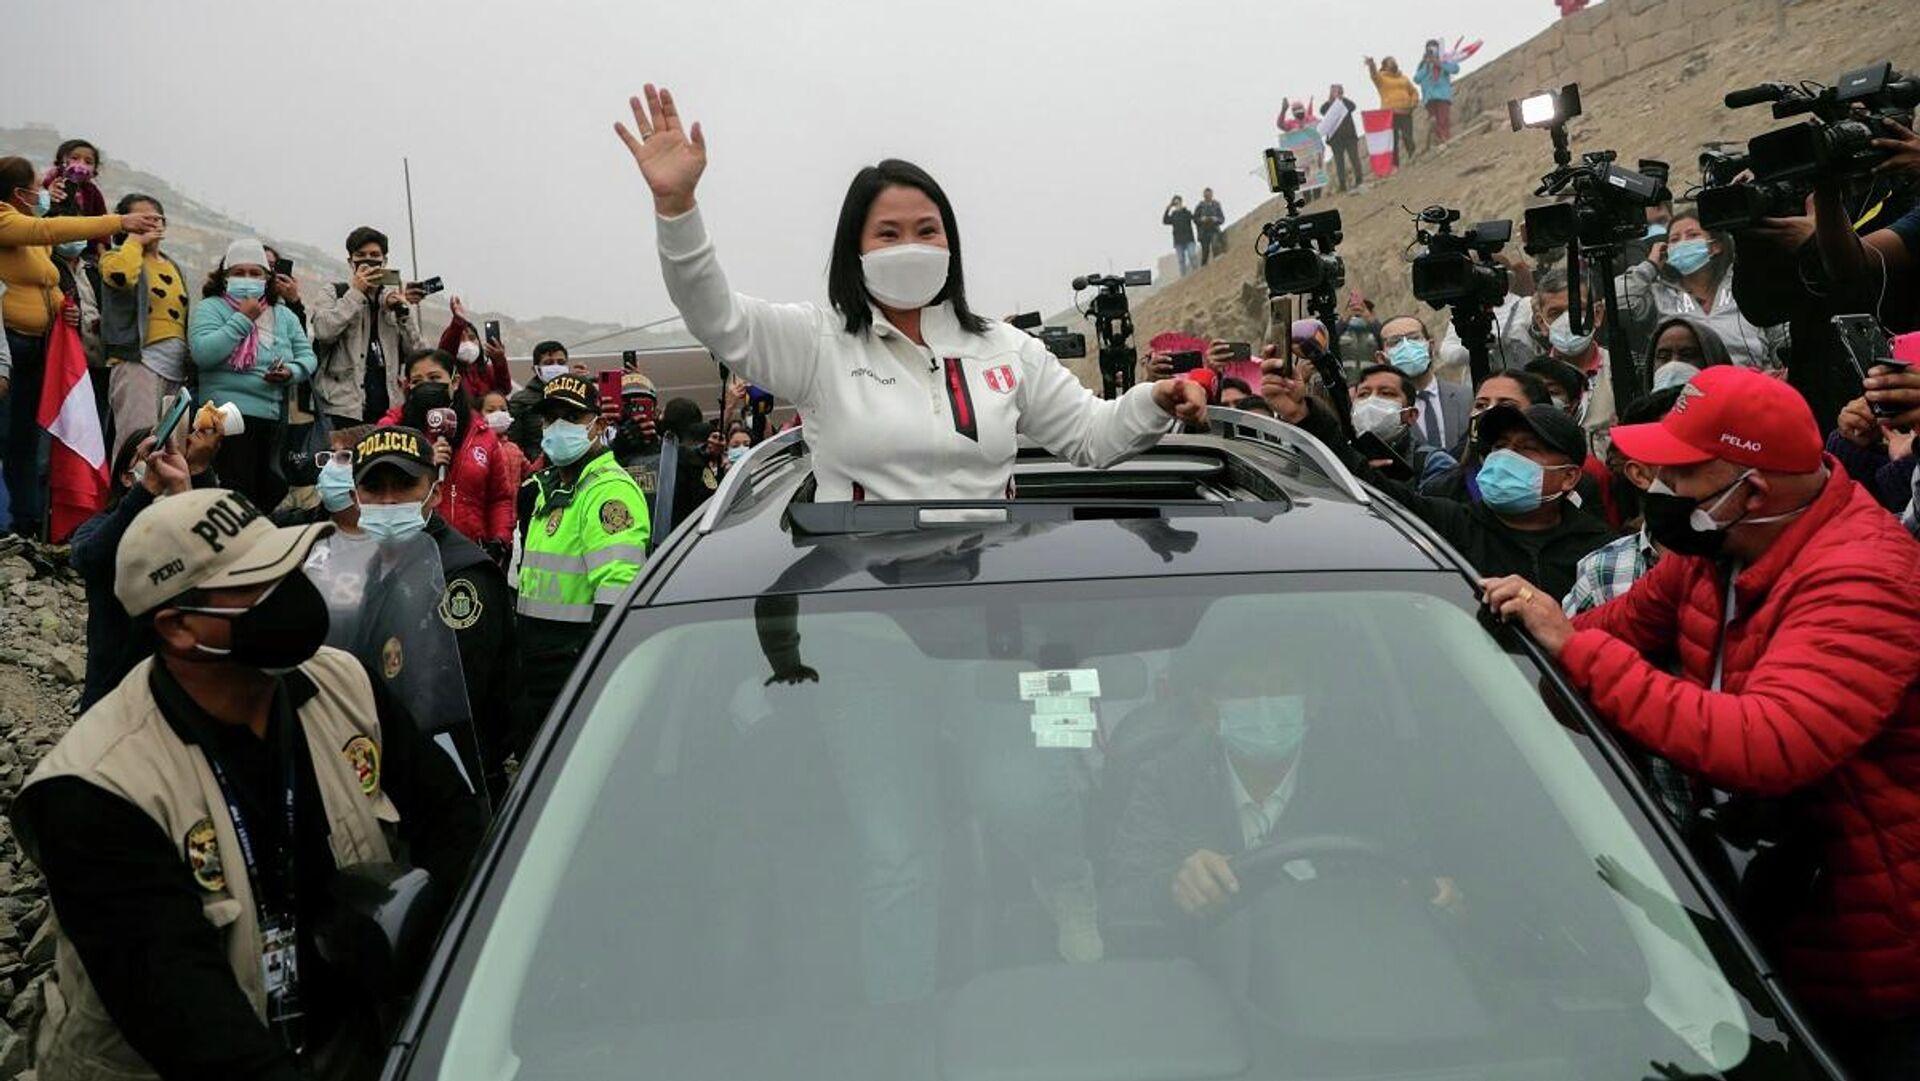 Keiko Fujimori, la candidata de derecha en las elecciones generales en Perú - Sputnik Mundo, 1920, 09.06.2021